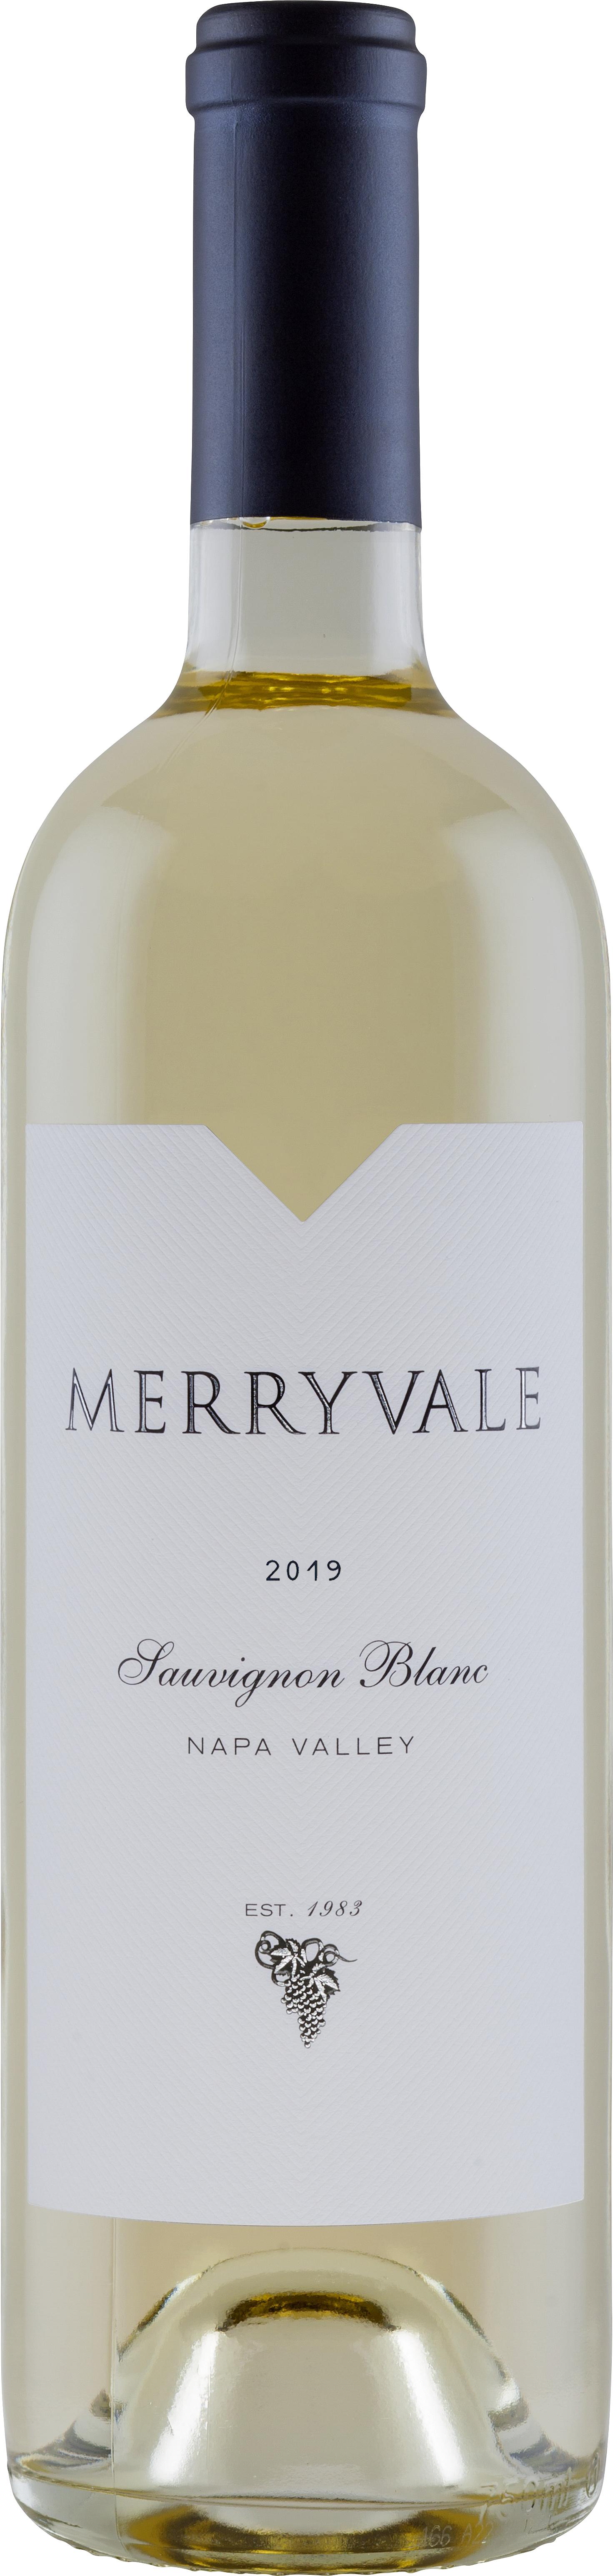 Merryvale-2019-Sauv-Blanc-NV